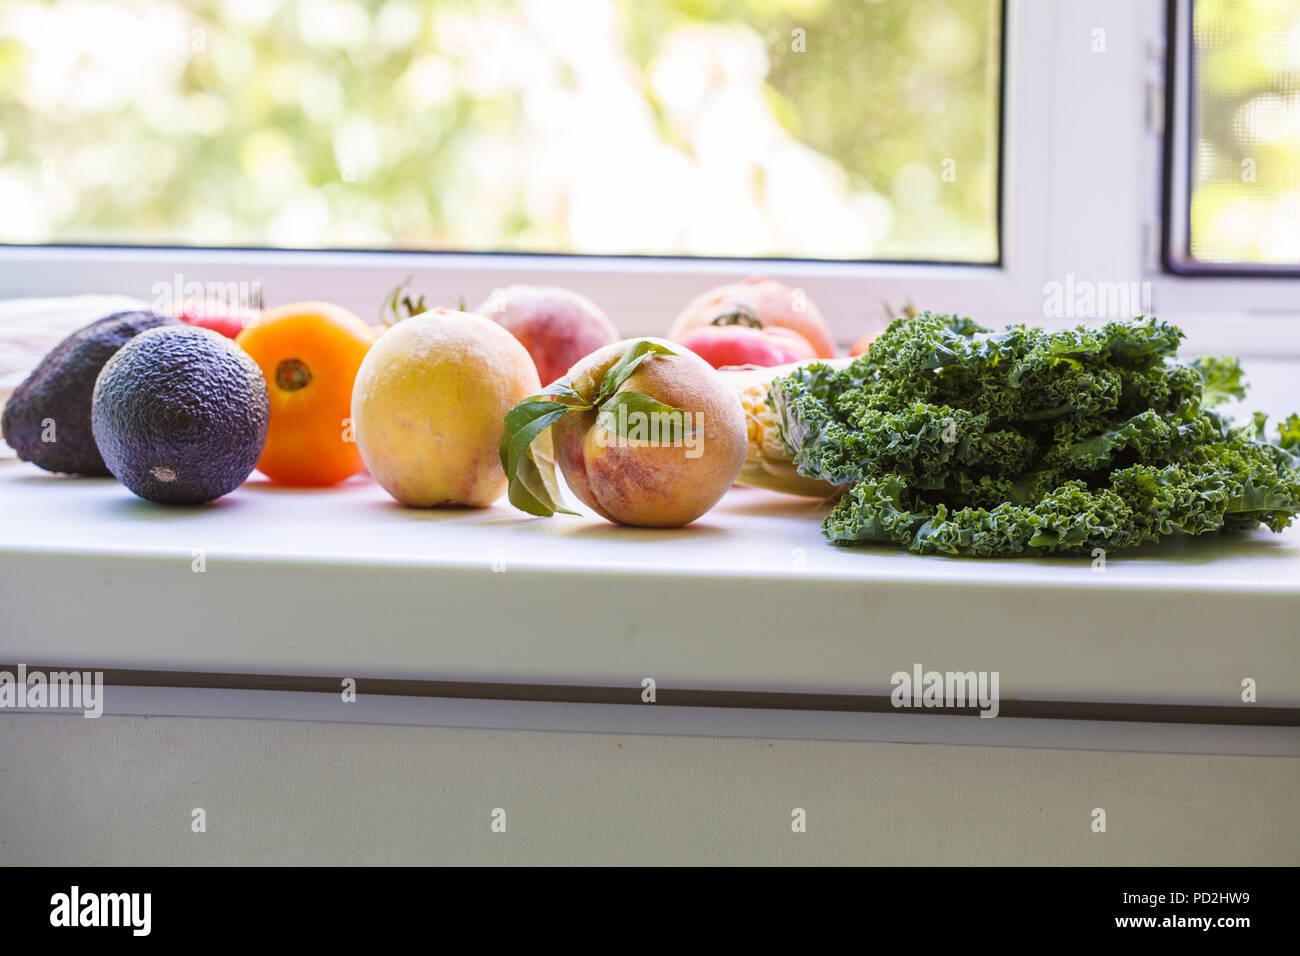 L'été de saison les fruits et légumes sur le rebord. Manger sain clean concept. Photo Stock